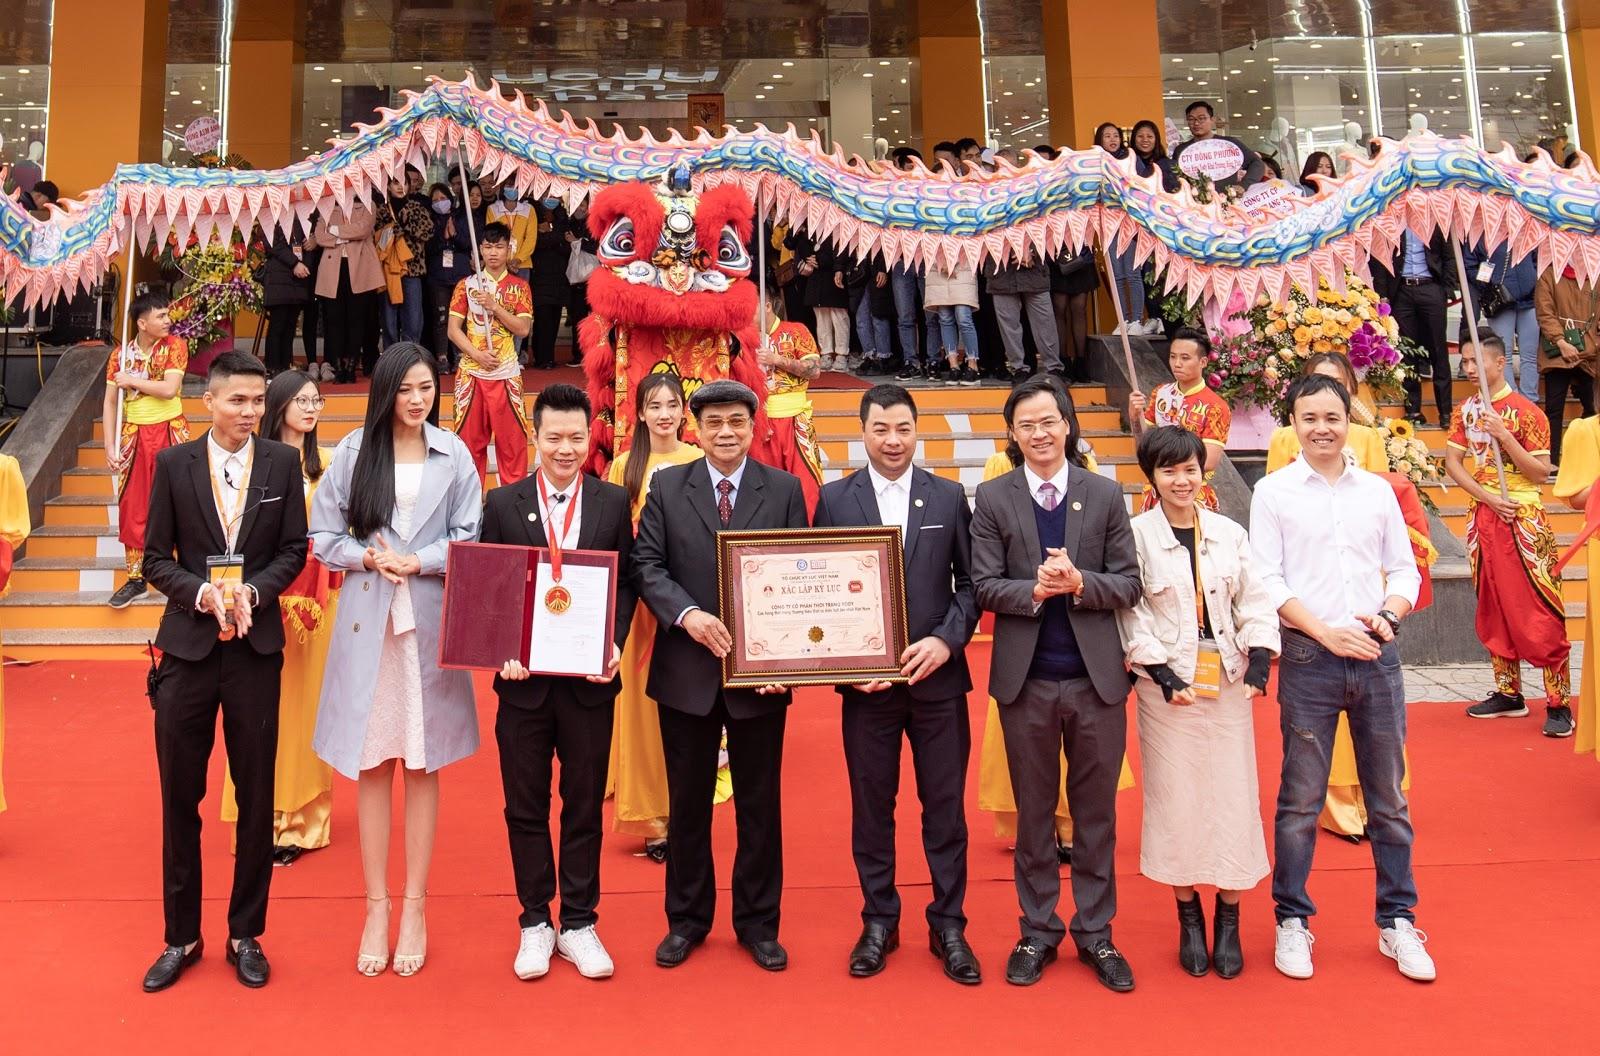 Ông Trần Ngọc Tăng - Phó Chủ tịch TW Hội Kỷ lục gia Việt Nam (thứ 4 từ trái qua) và ông Hoàng Thái Tuấn Anh, Tổng thư ký Tổ chức Kỷ lục Đông Dương, Trưởng đại diện miền Bắc Tổ chức Kỷ lục Việt Nam (thứ 3 từ phải sang) đại diện trao bằng Kỷ lục đến đơn vị